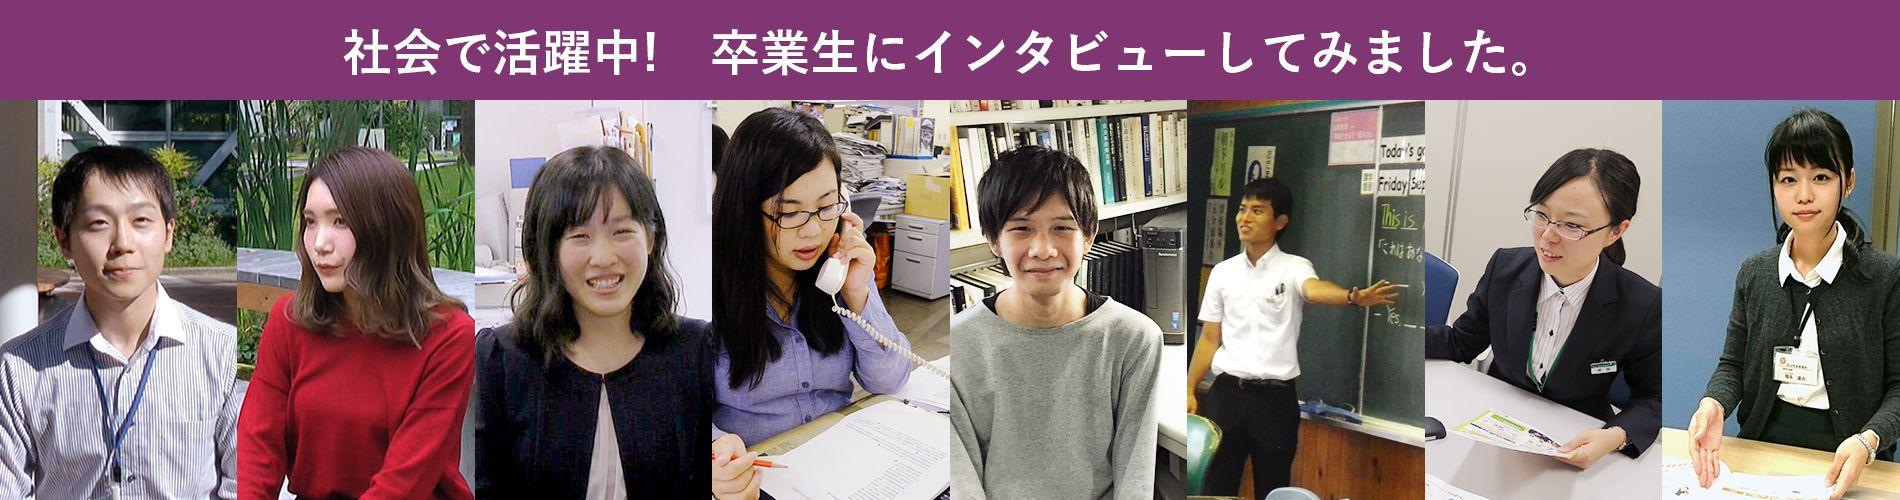 社会で活躍中! 卒業生にインタビューしてみました。